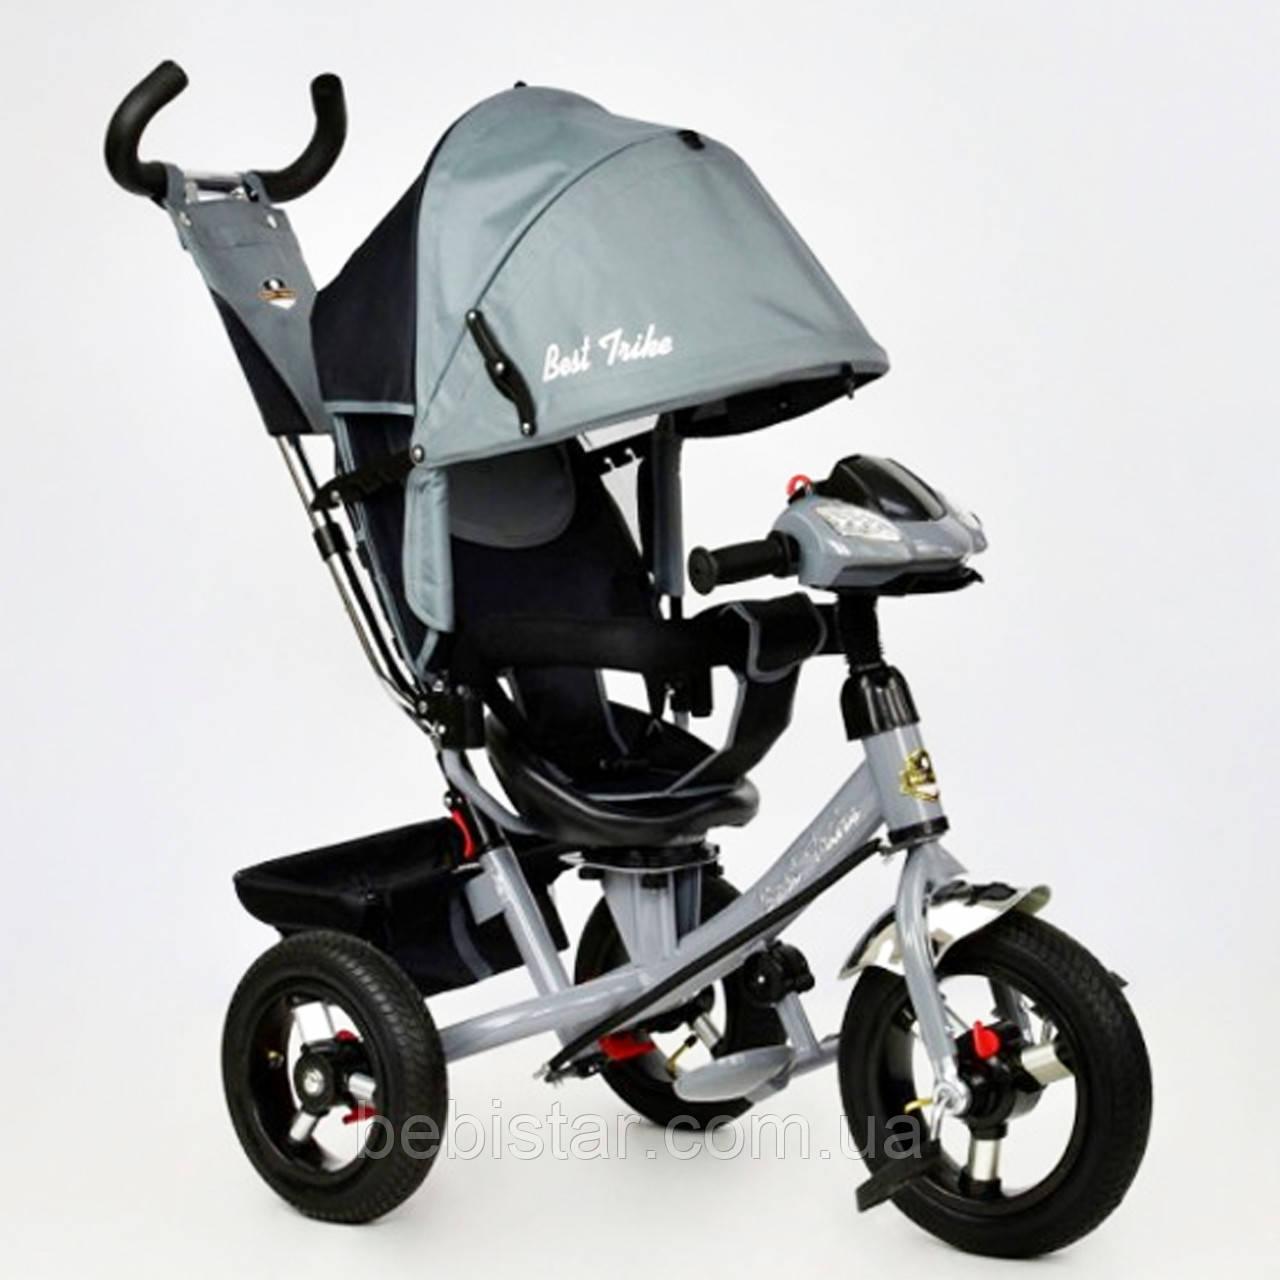 """Детский трехколесный велосипед """"Best Trike7700В"""" с музыкальной панелью и фарой, цвет: серый"""